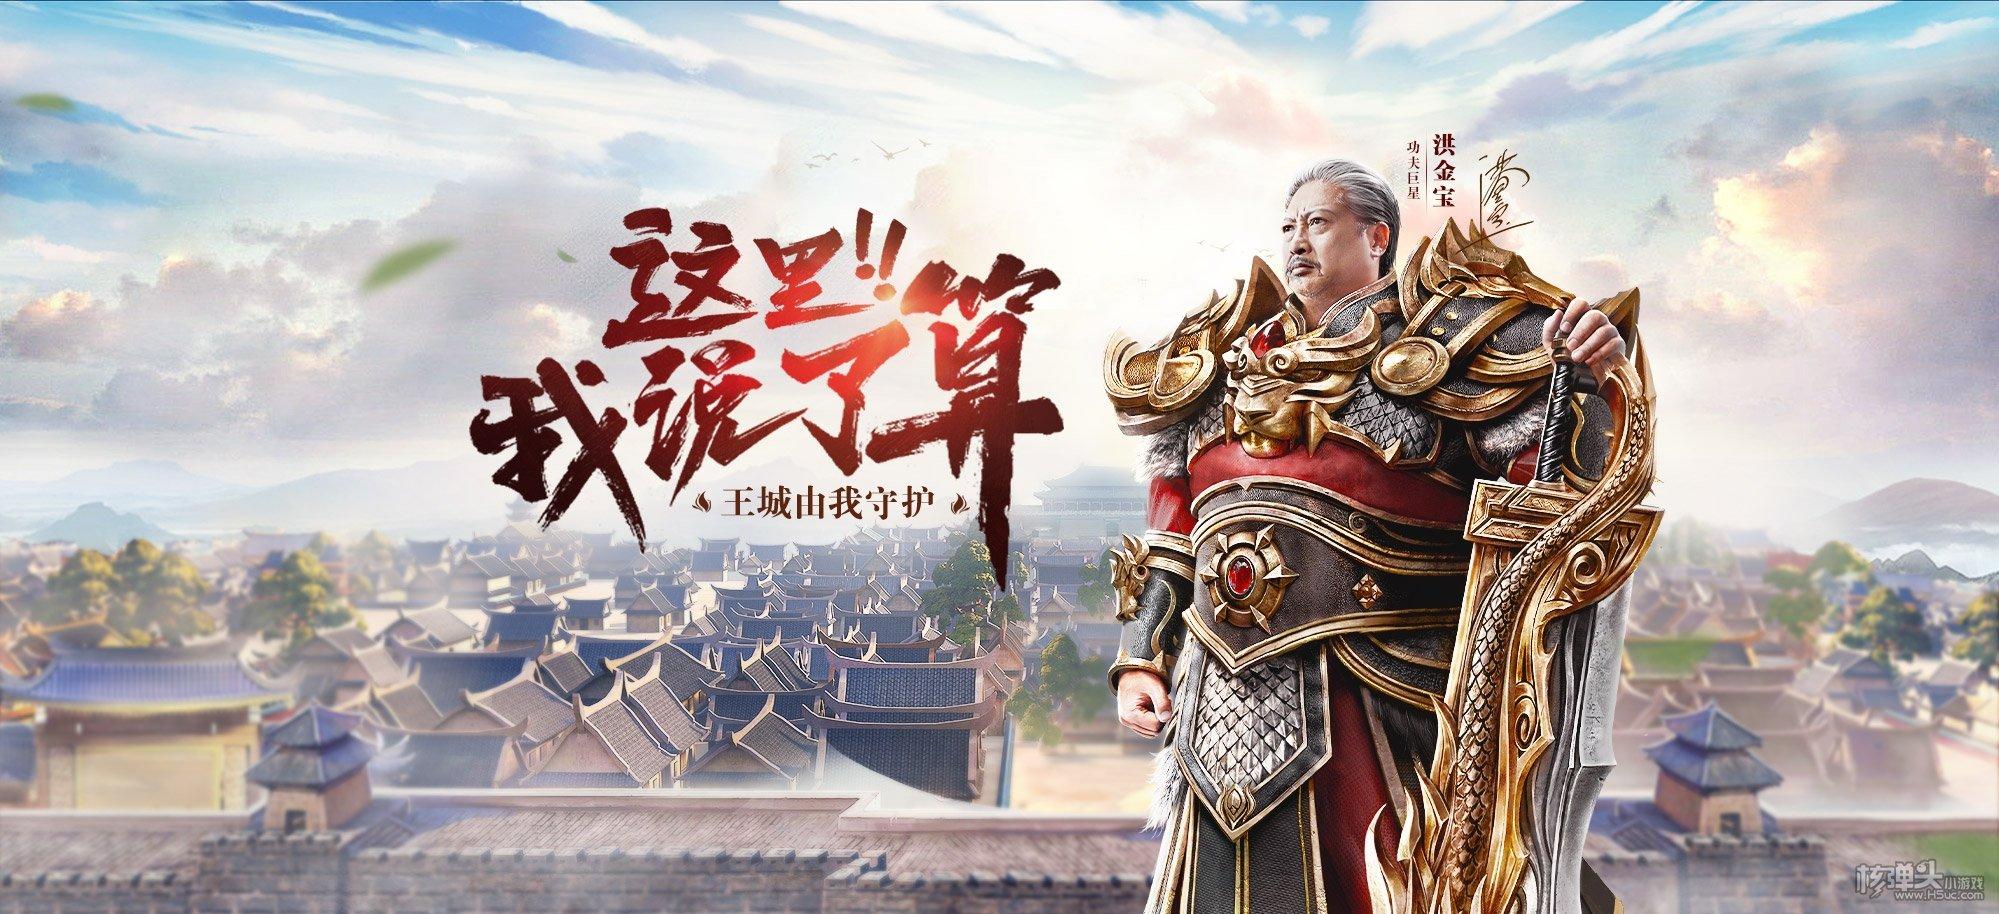 官宣:洪金寶代言《王城英雄》宣傳海報大片正式曝光